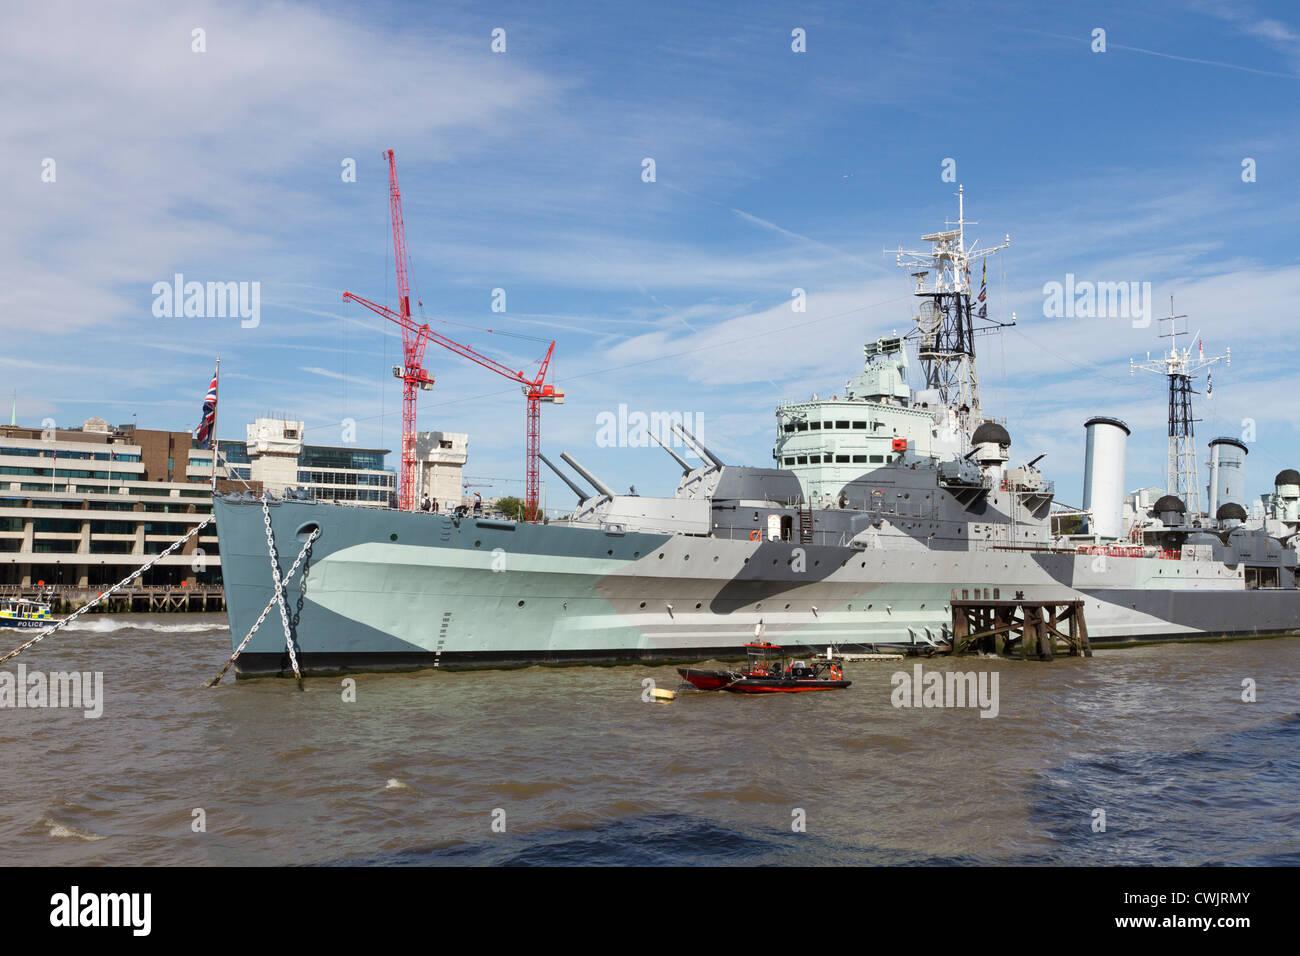 HMS Belfast,The Queen's Walk,London, UK - Stock Image